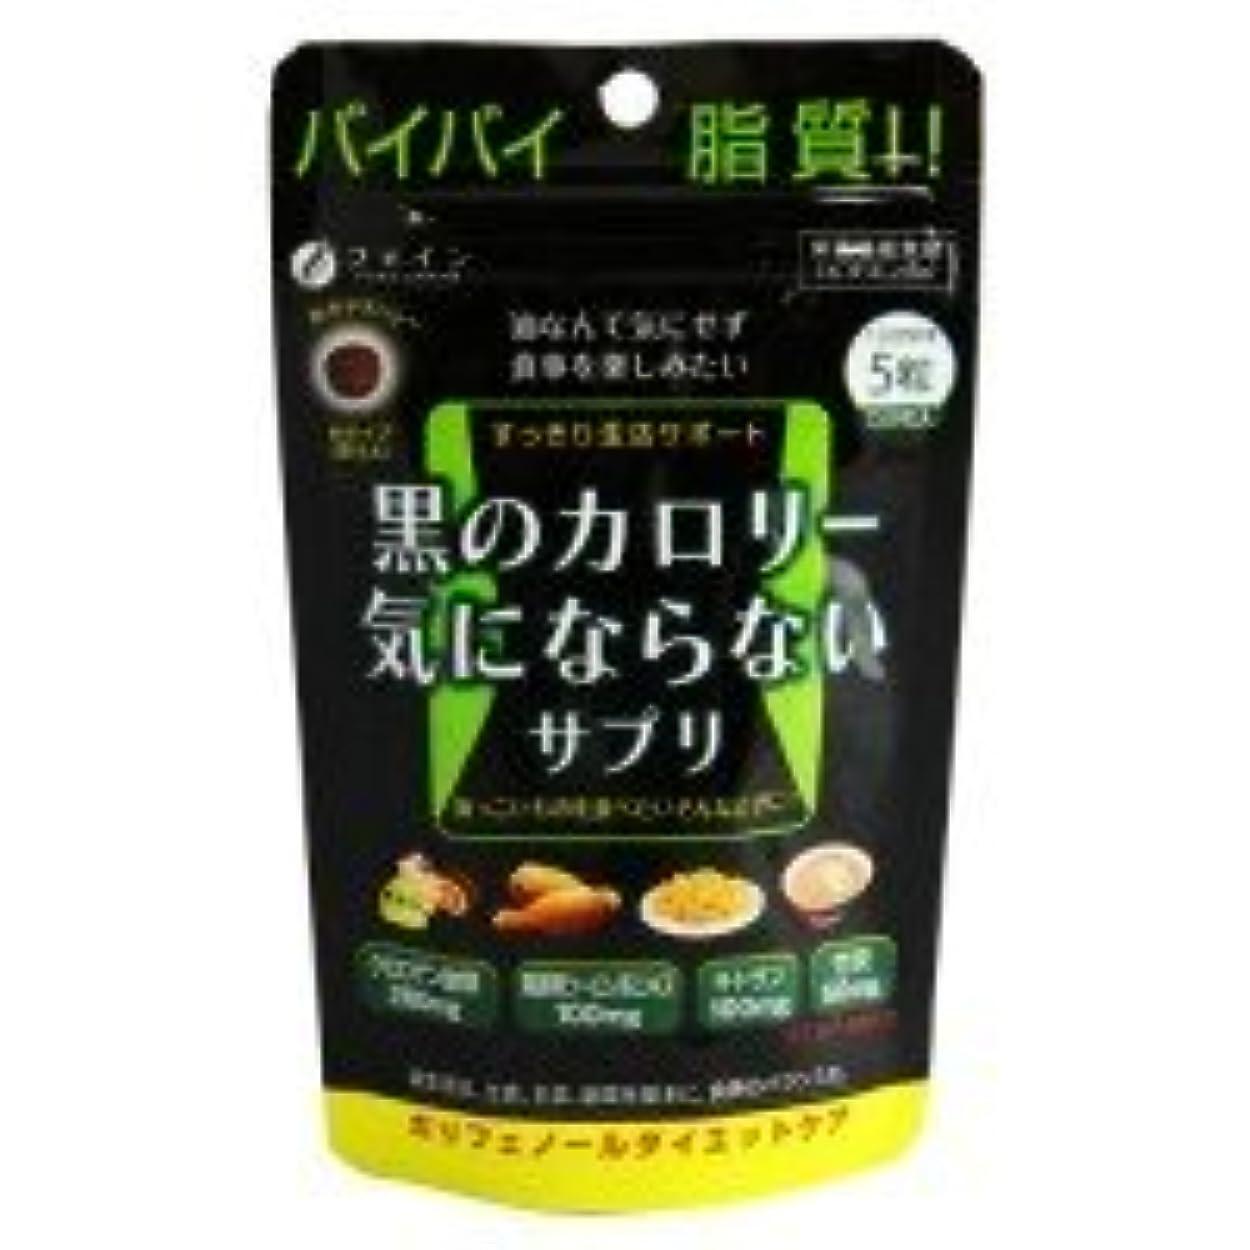 対象加速するアンソロジーファイン 黒のカロリー気にならない 栄養機能食品(ビタミンB6) 30g(200mg×150粒)